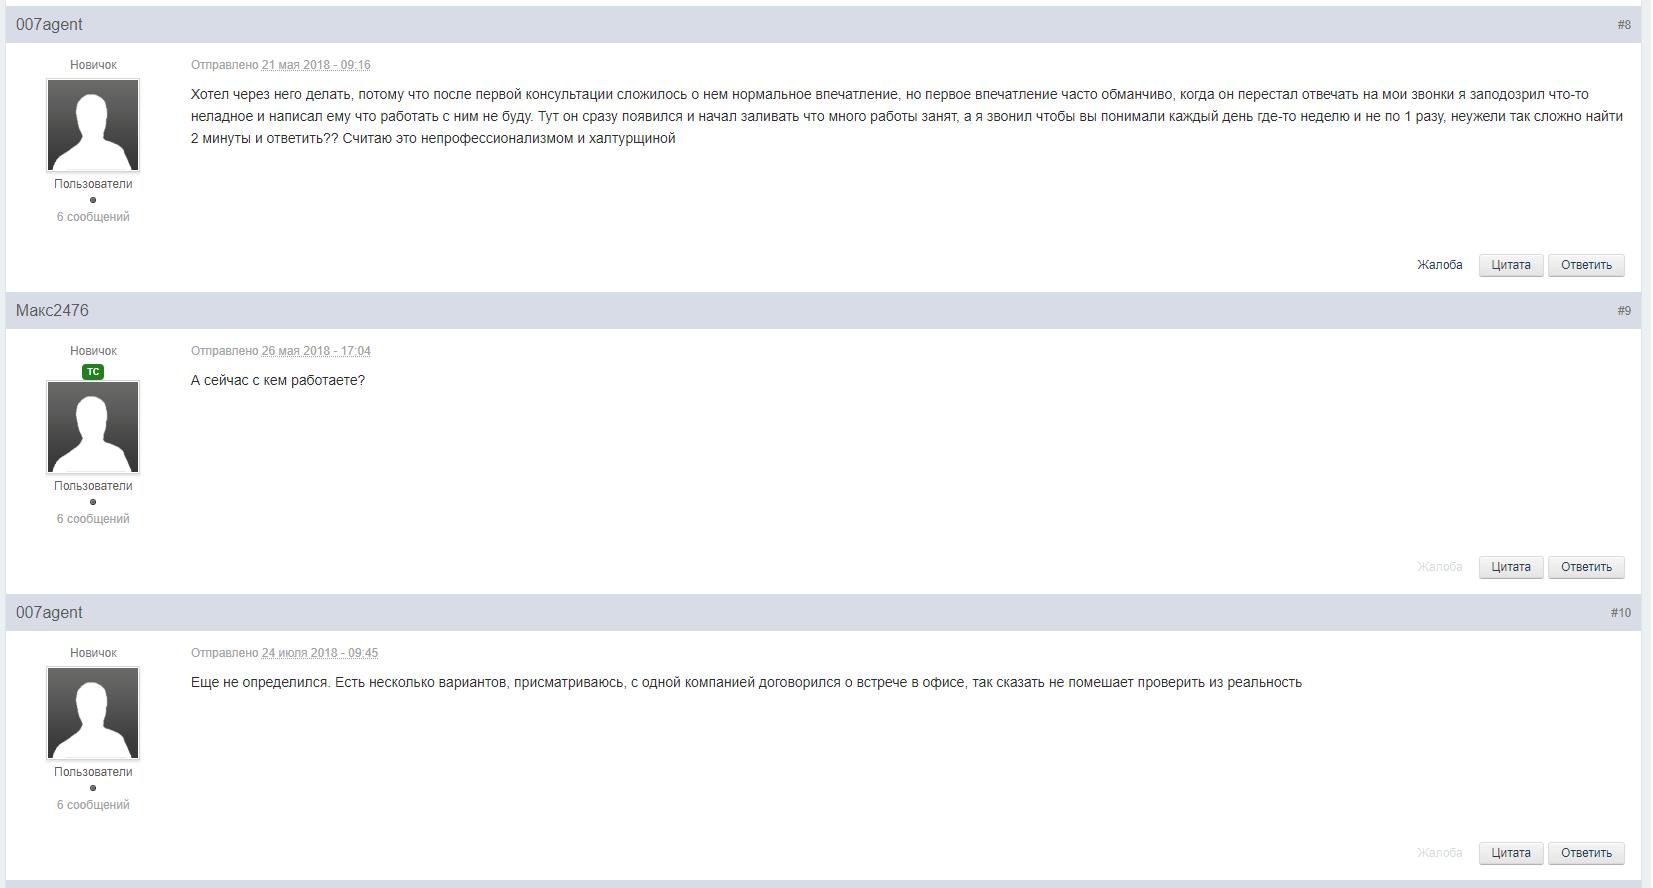 отзывы о razal.ru на forum-eu.com